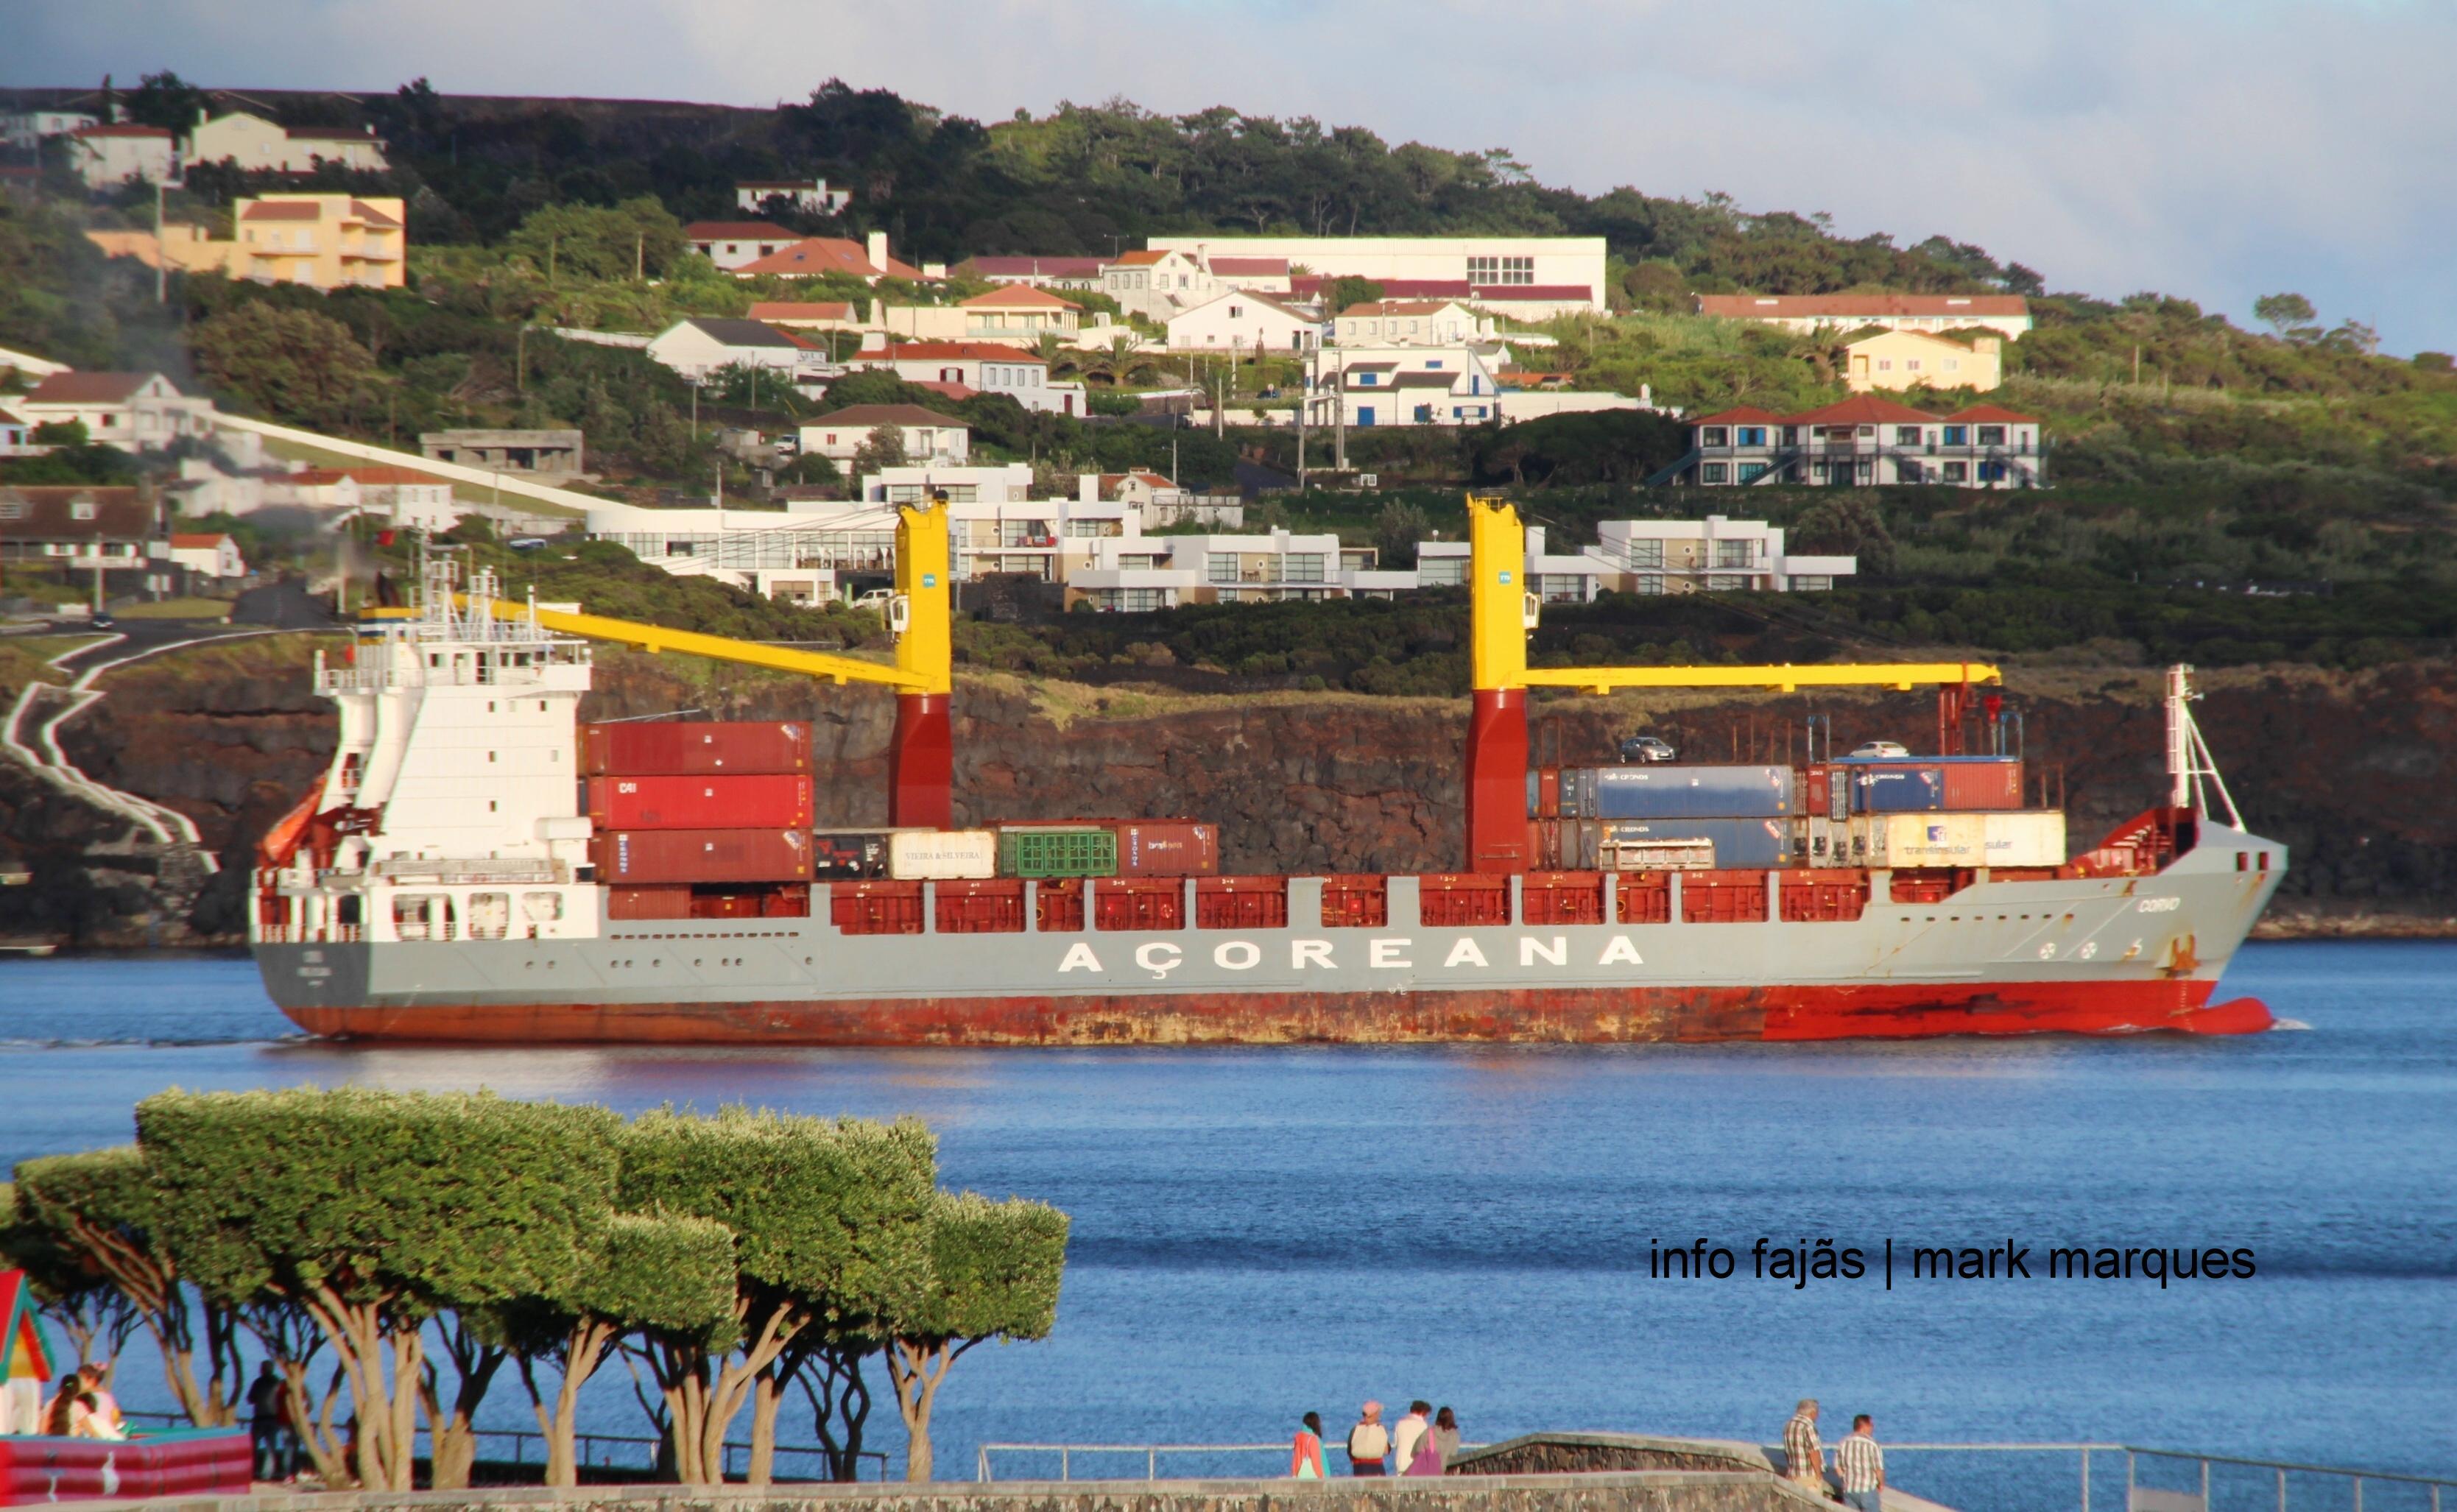 BAÍA DAS VELAS – ILHA DE SÃO JORGE (Açores)